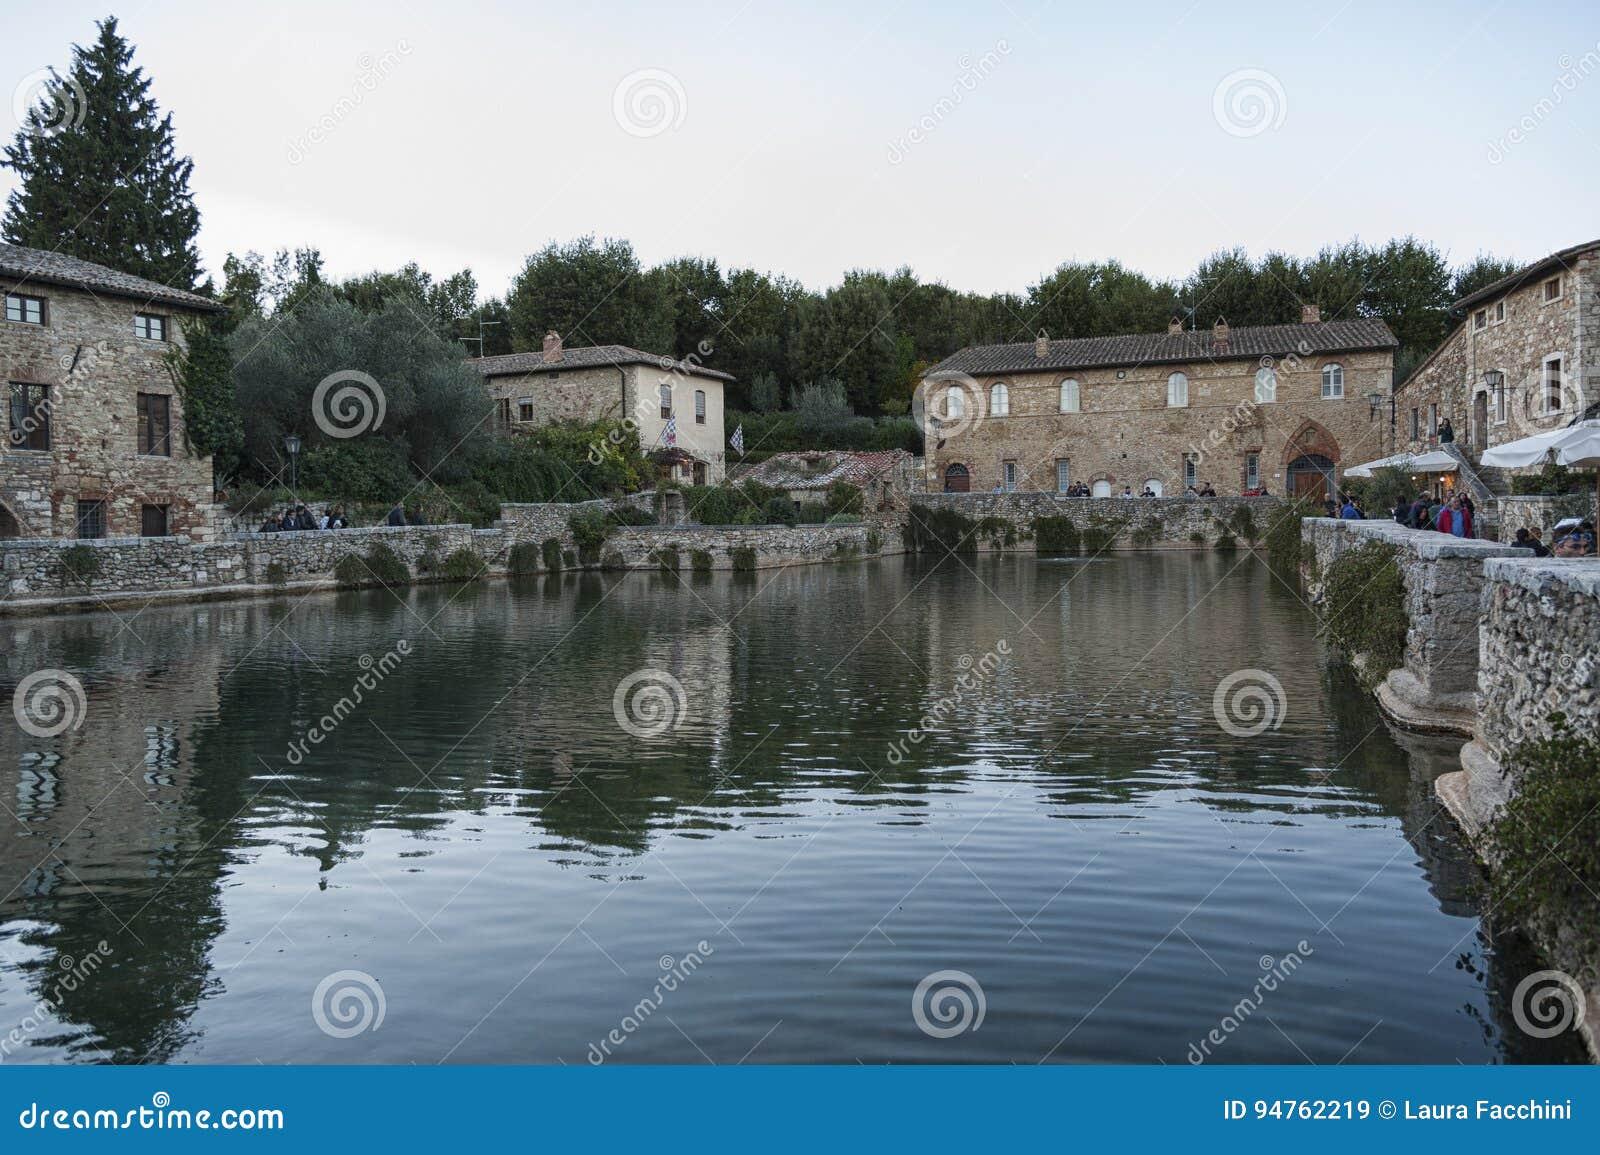 Bagno vignoni toscana italia ottobre gente indefinita